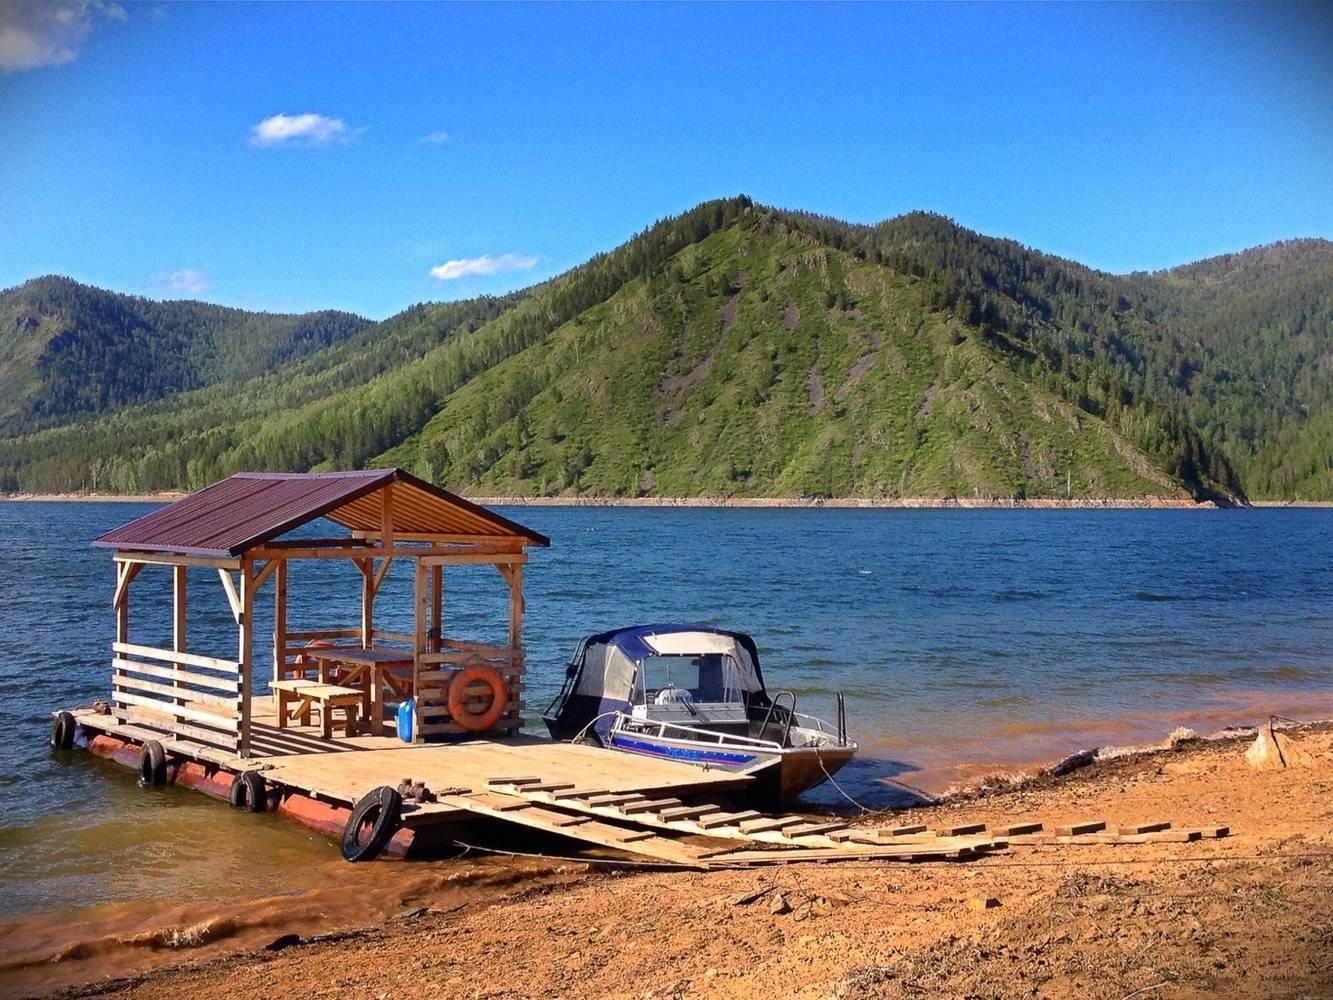 Красноярское водохранилище: краткое описание, особенности, отдых